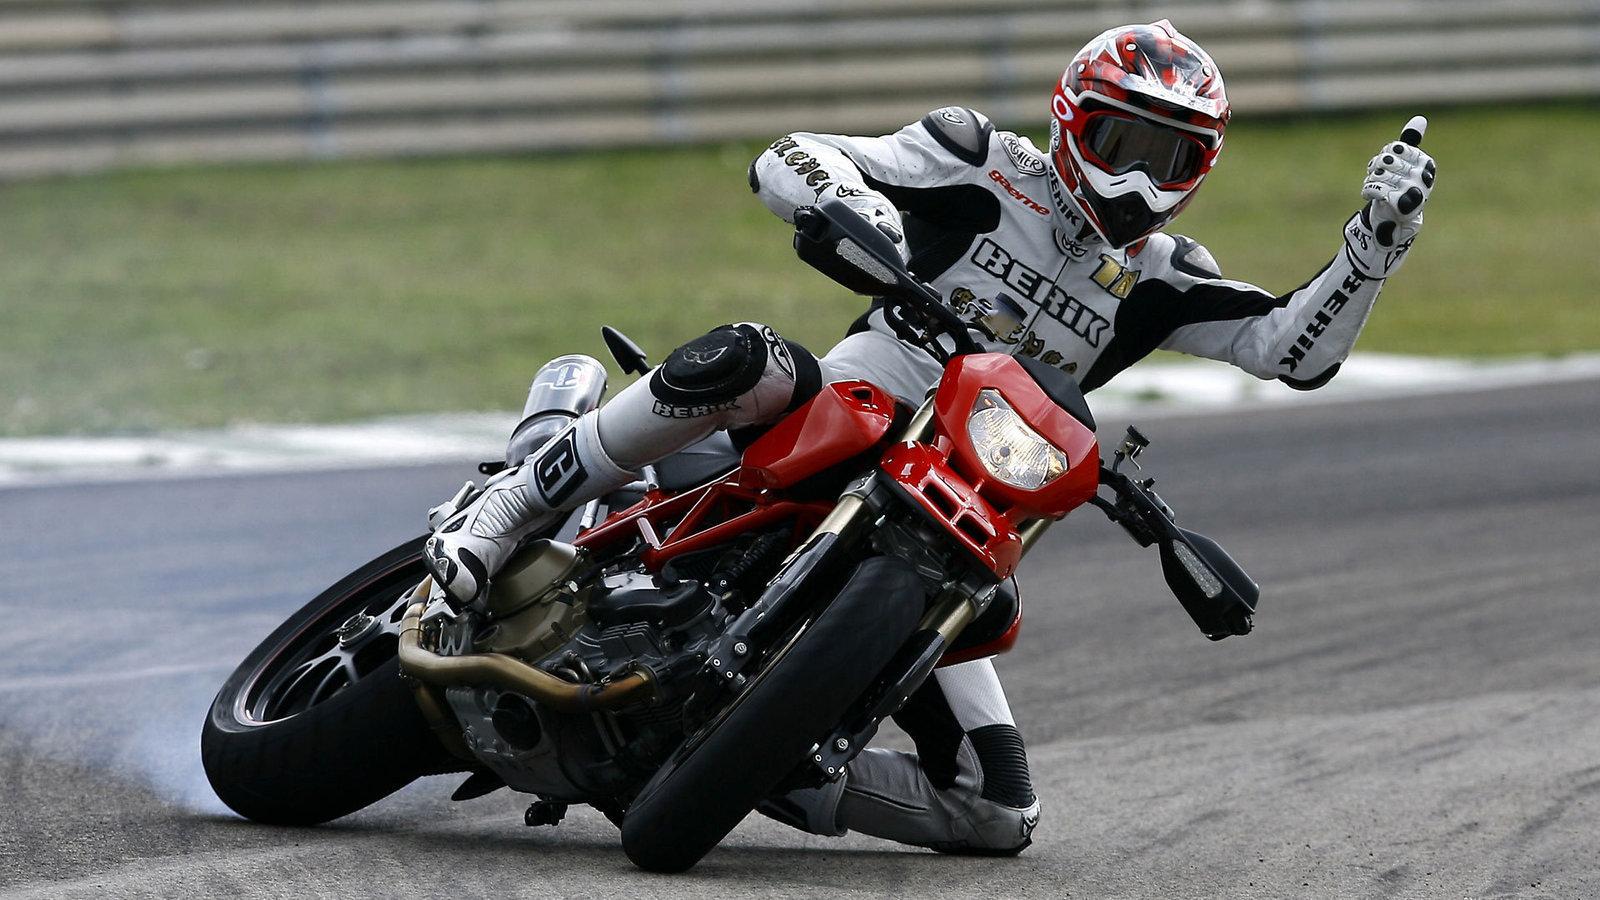 21598 descargar fondo de pantalla Deportes, Transporte, Motocicletas, Motocross: protectores de pantalla e imágenes gratis